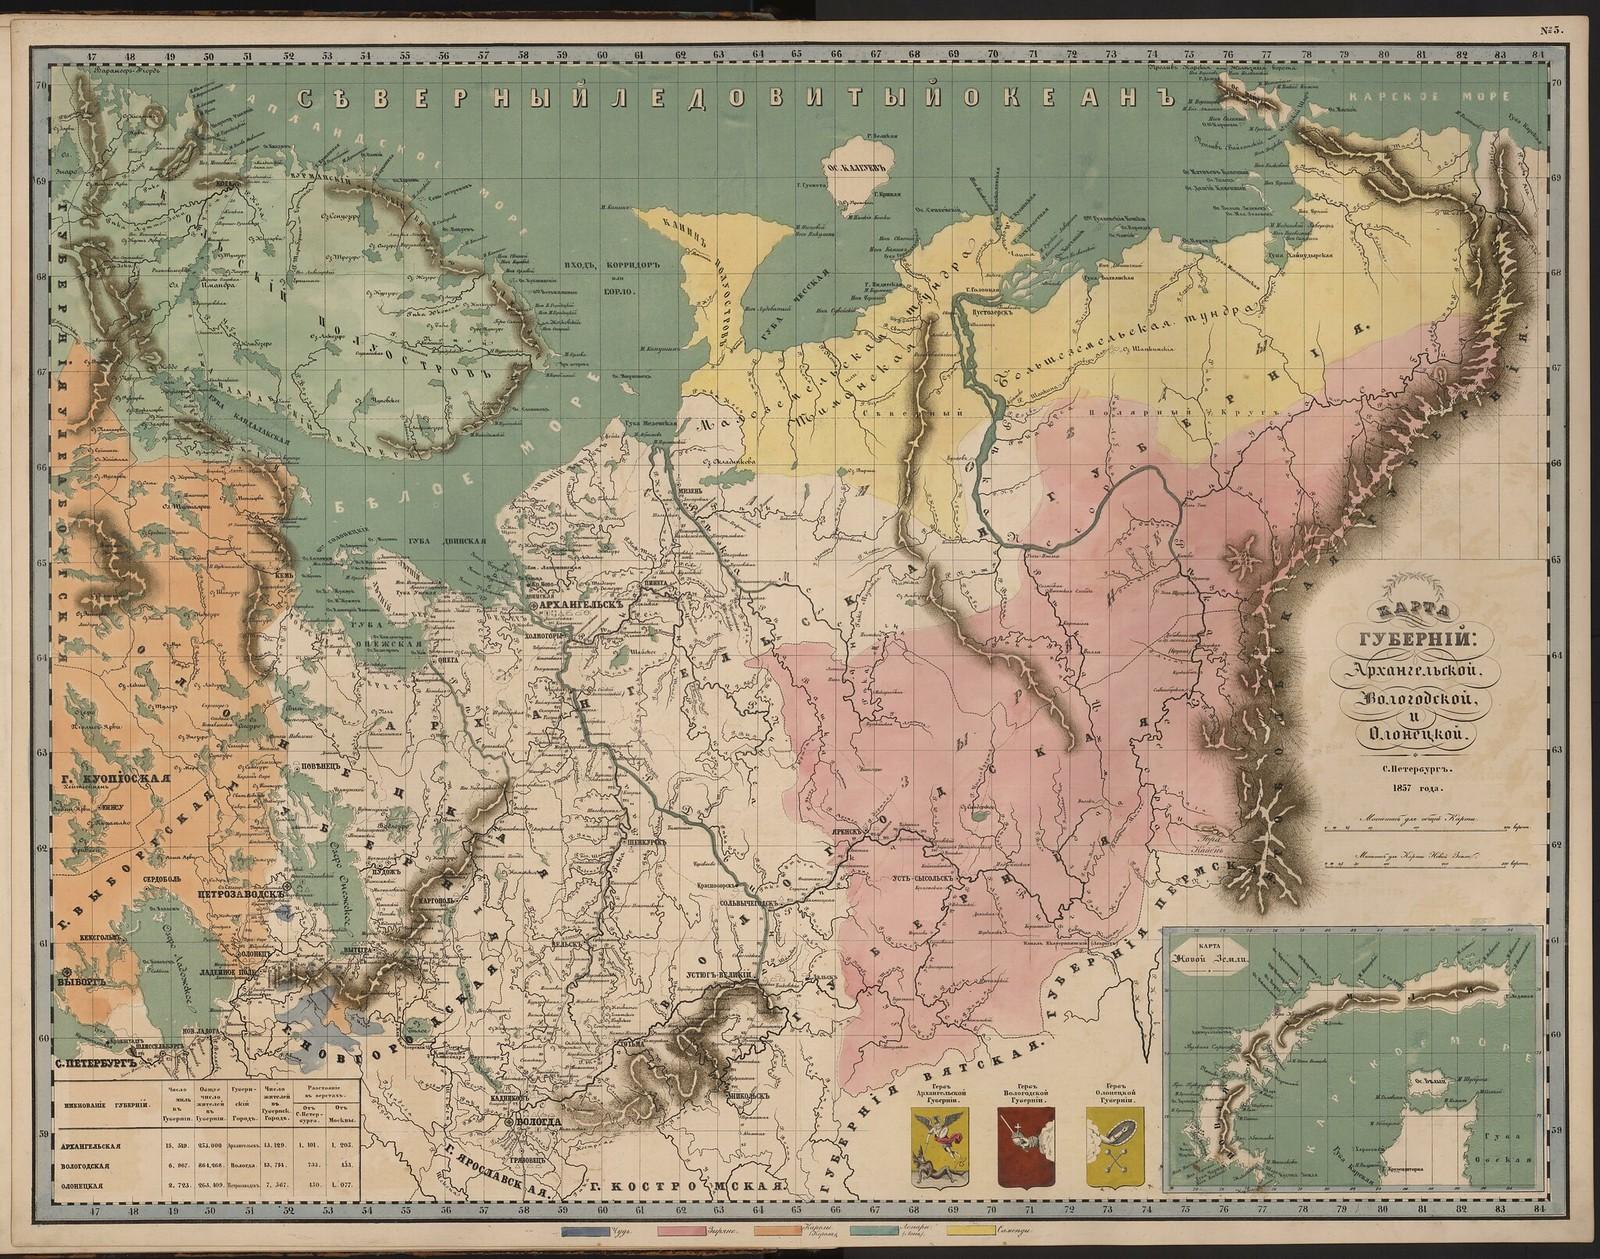 05-а. Карта губерний Архангельской, Вологодской и Олонецкой (этнографическая).